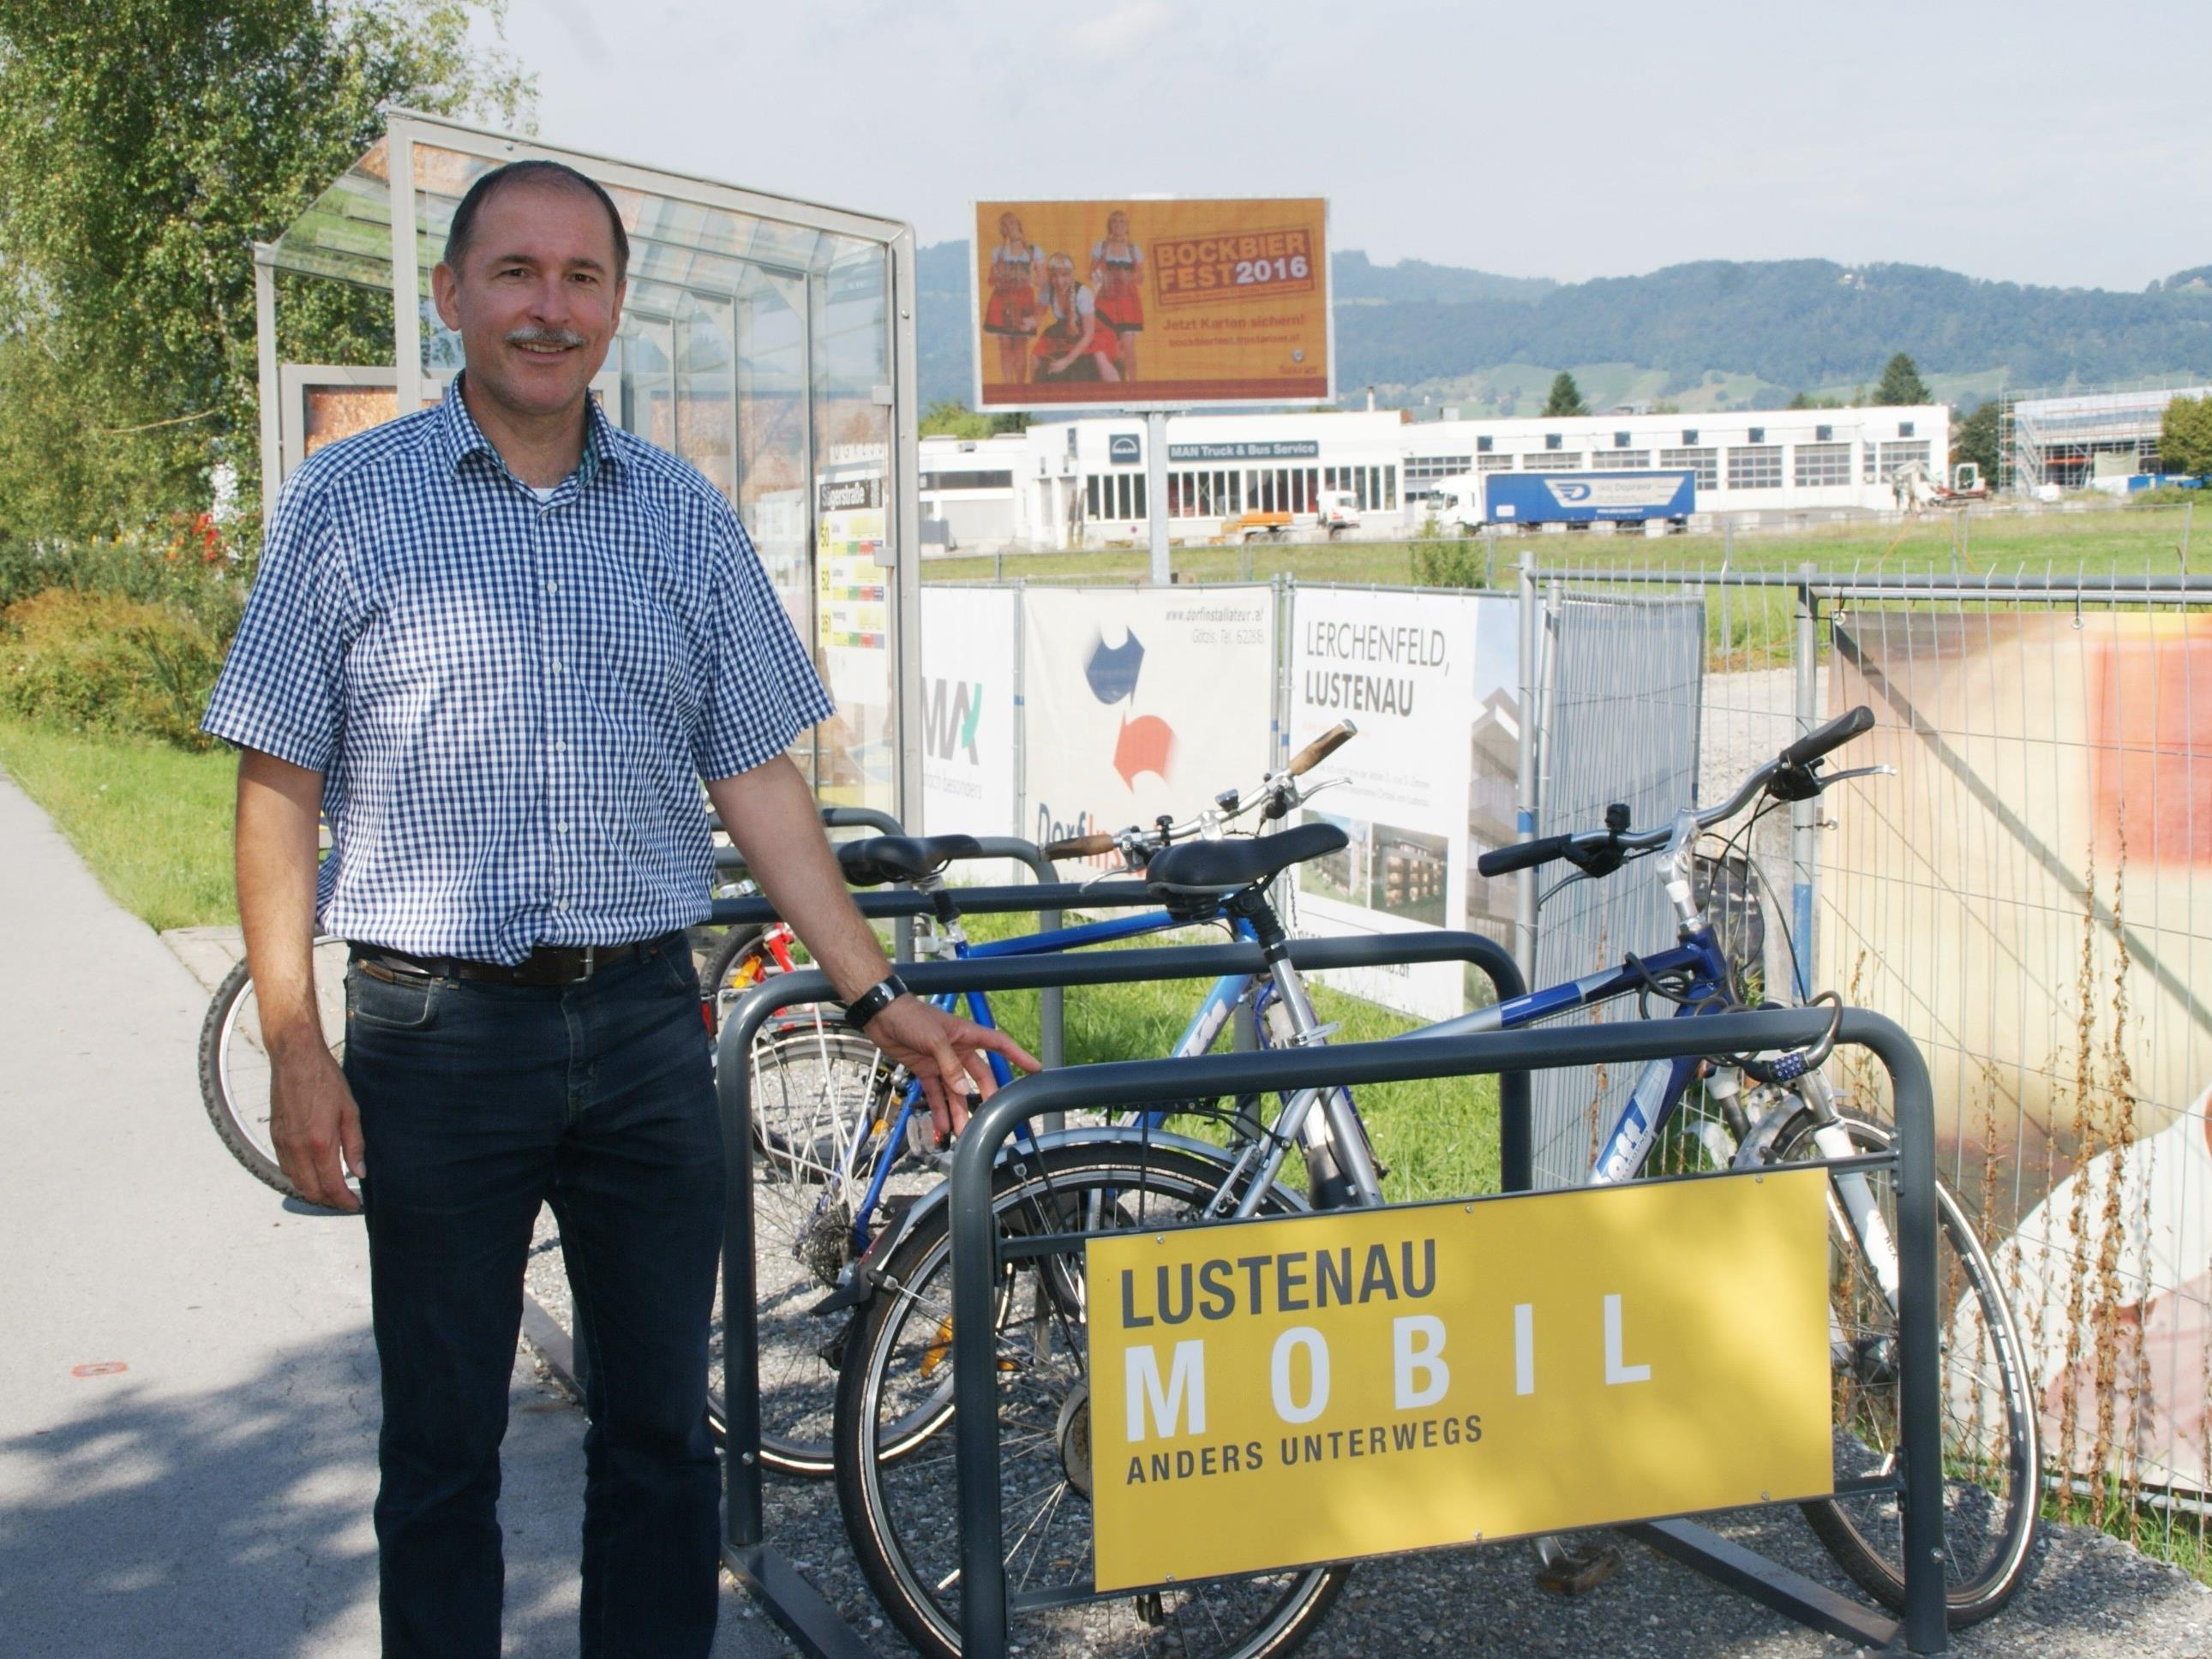 Lustenau rüstet auf mit Radabstellplätzen